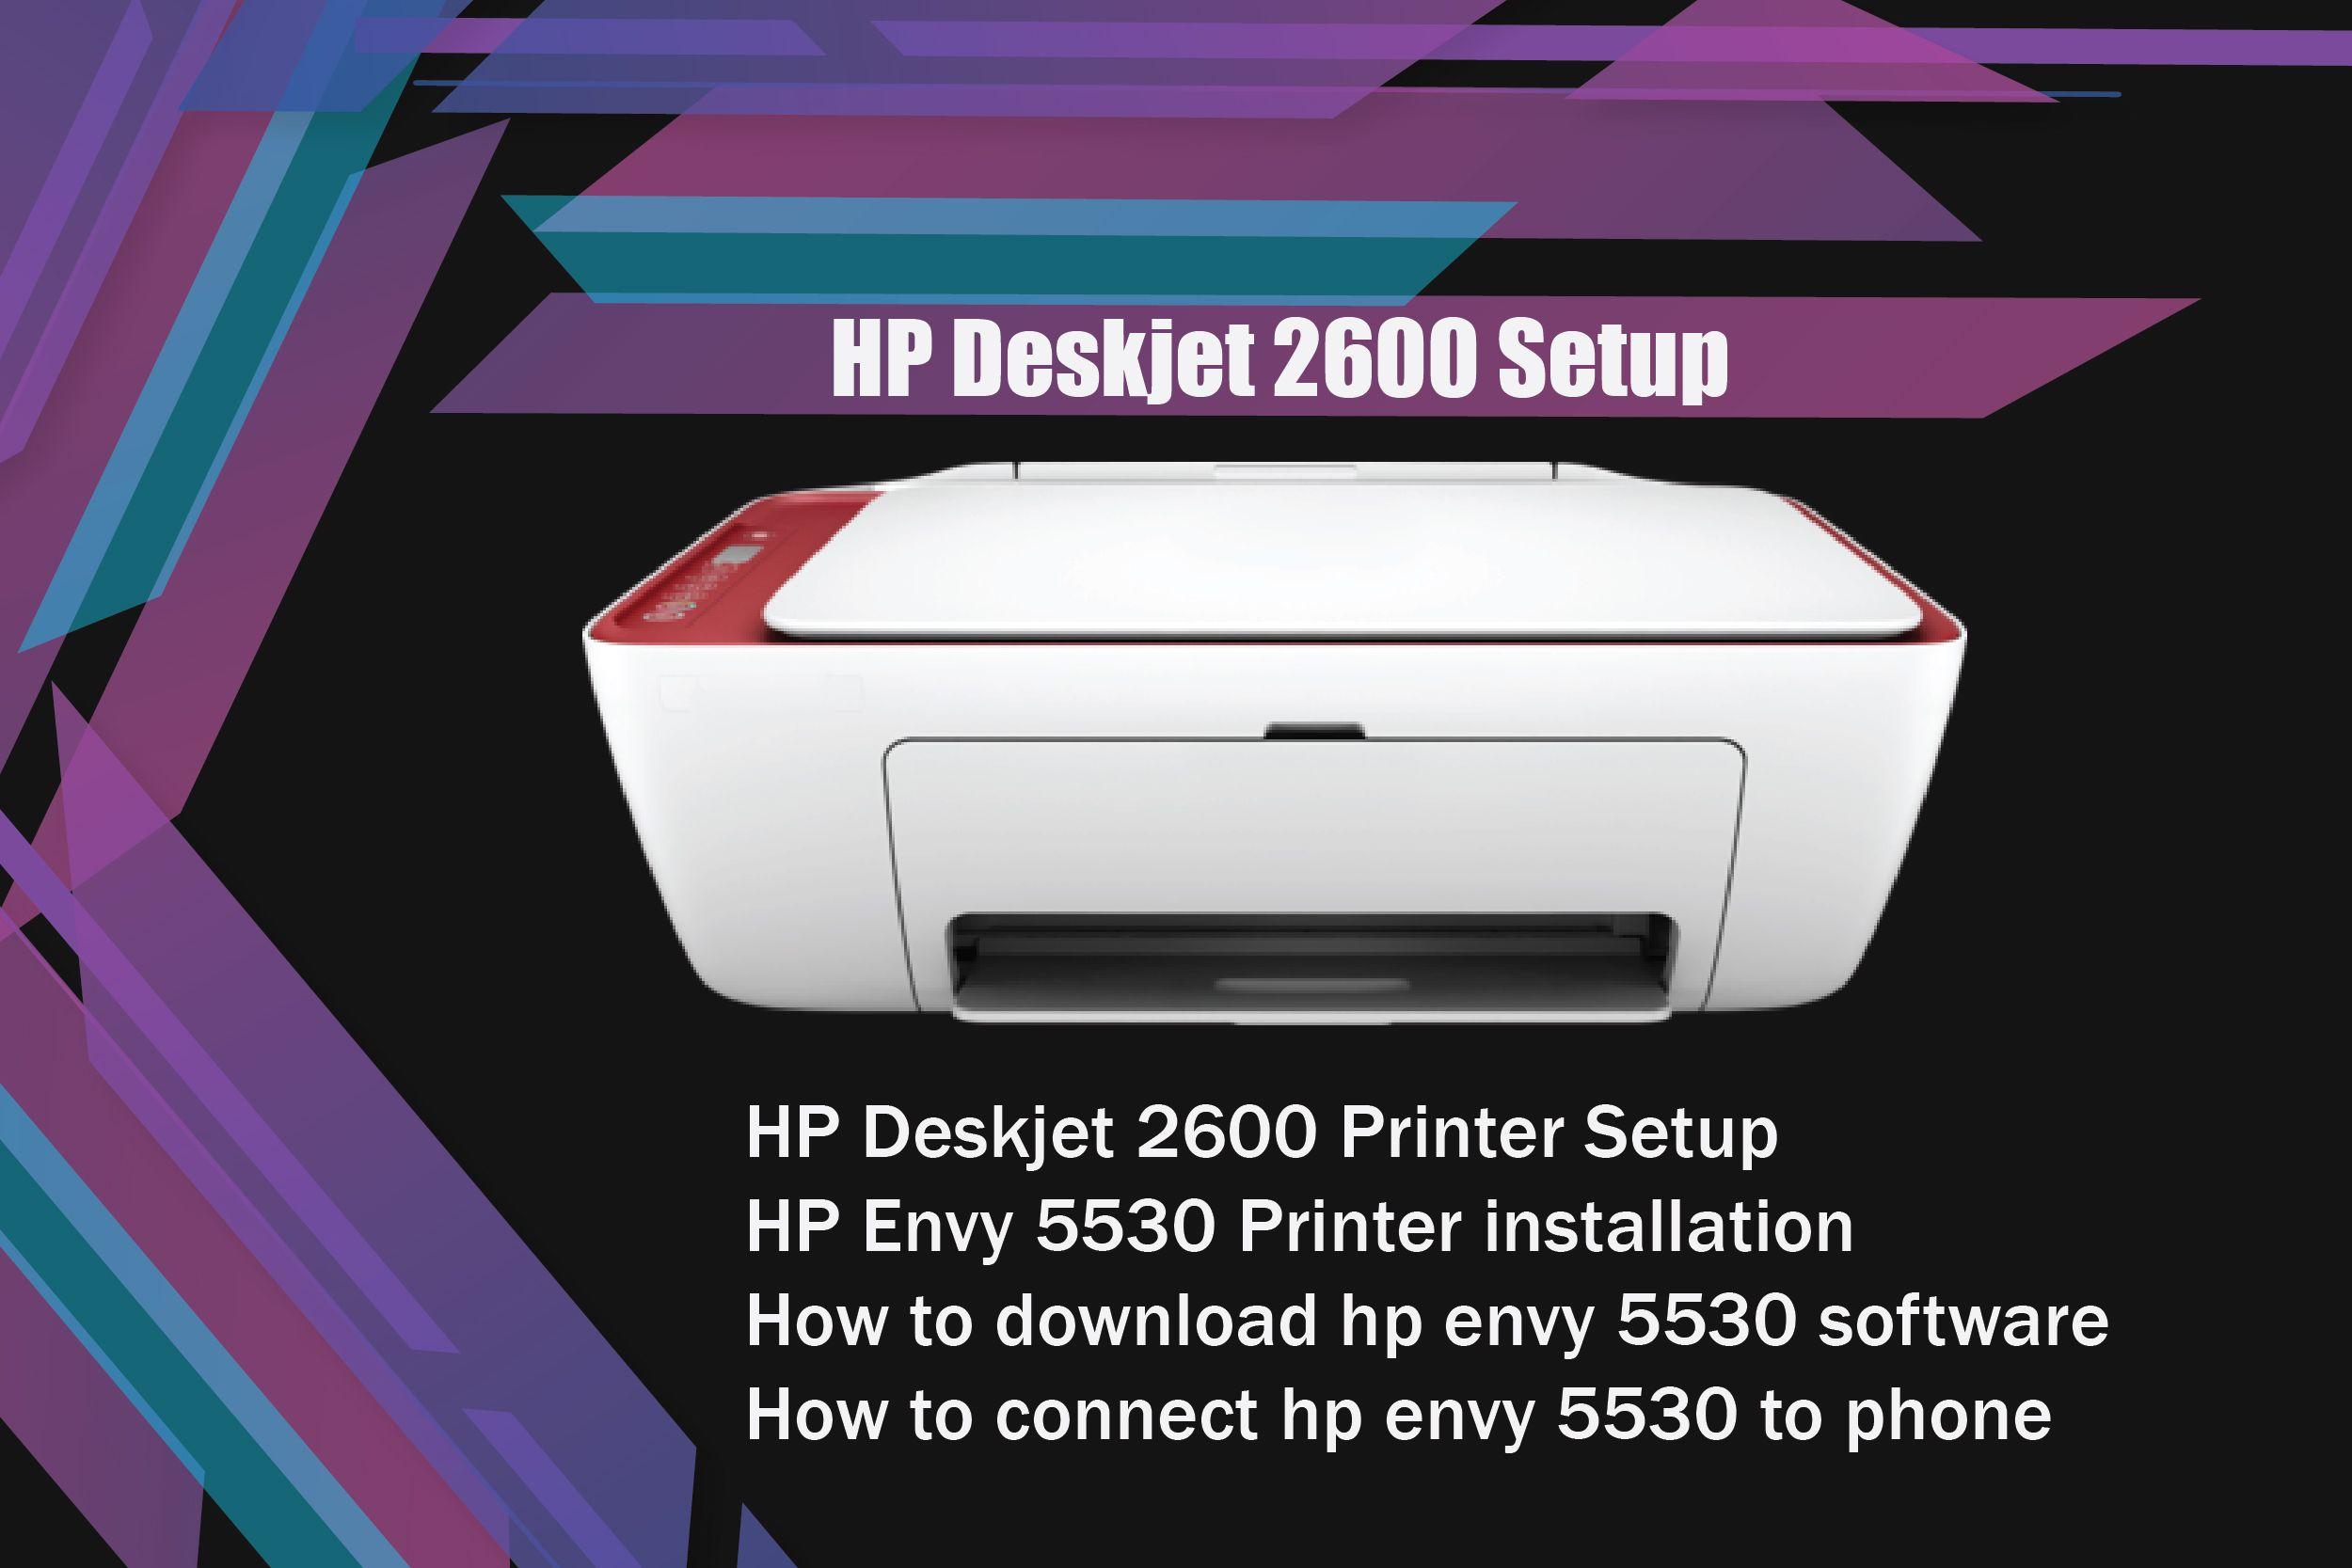 Hp deskjet 2600 setup and install